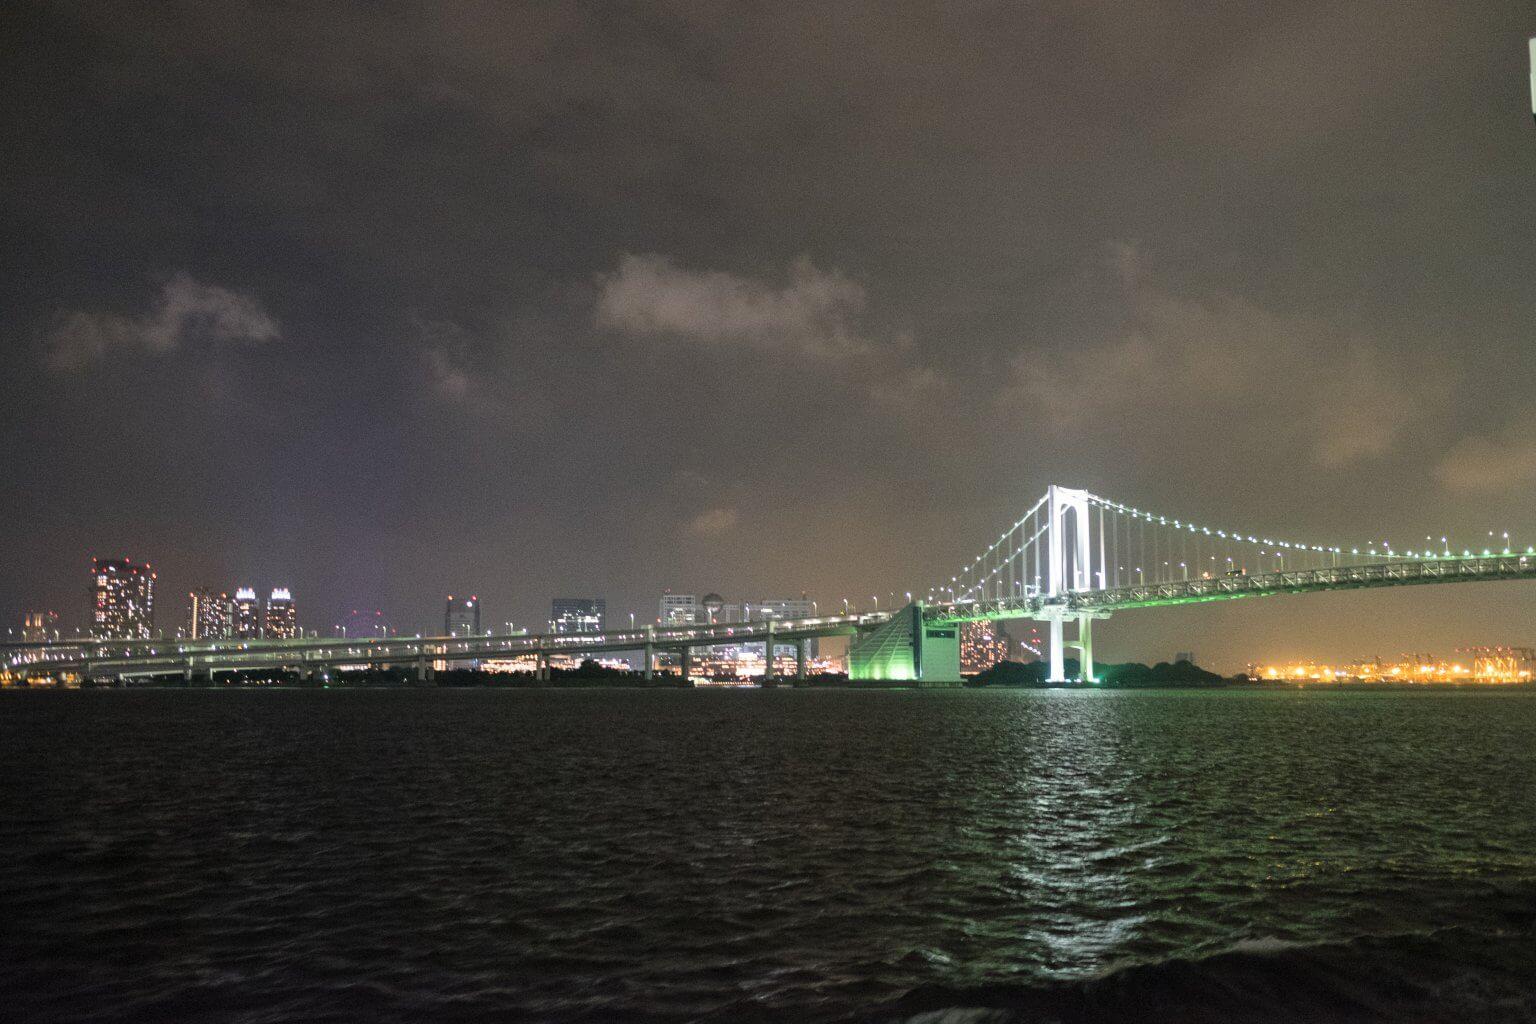 東京湾から望むレインボーブリッジ